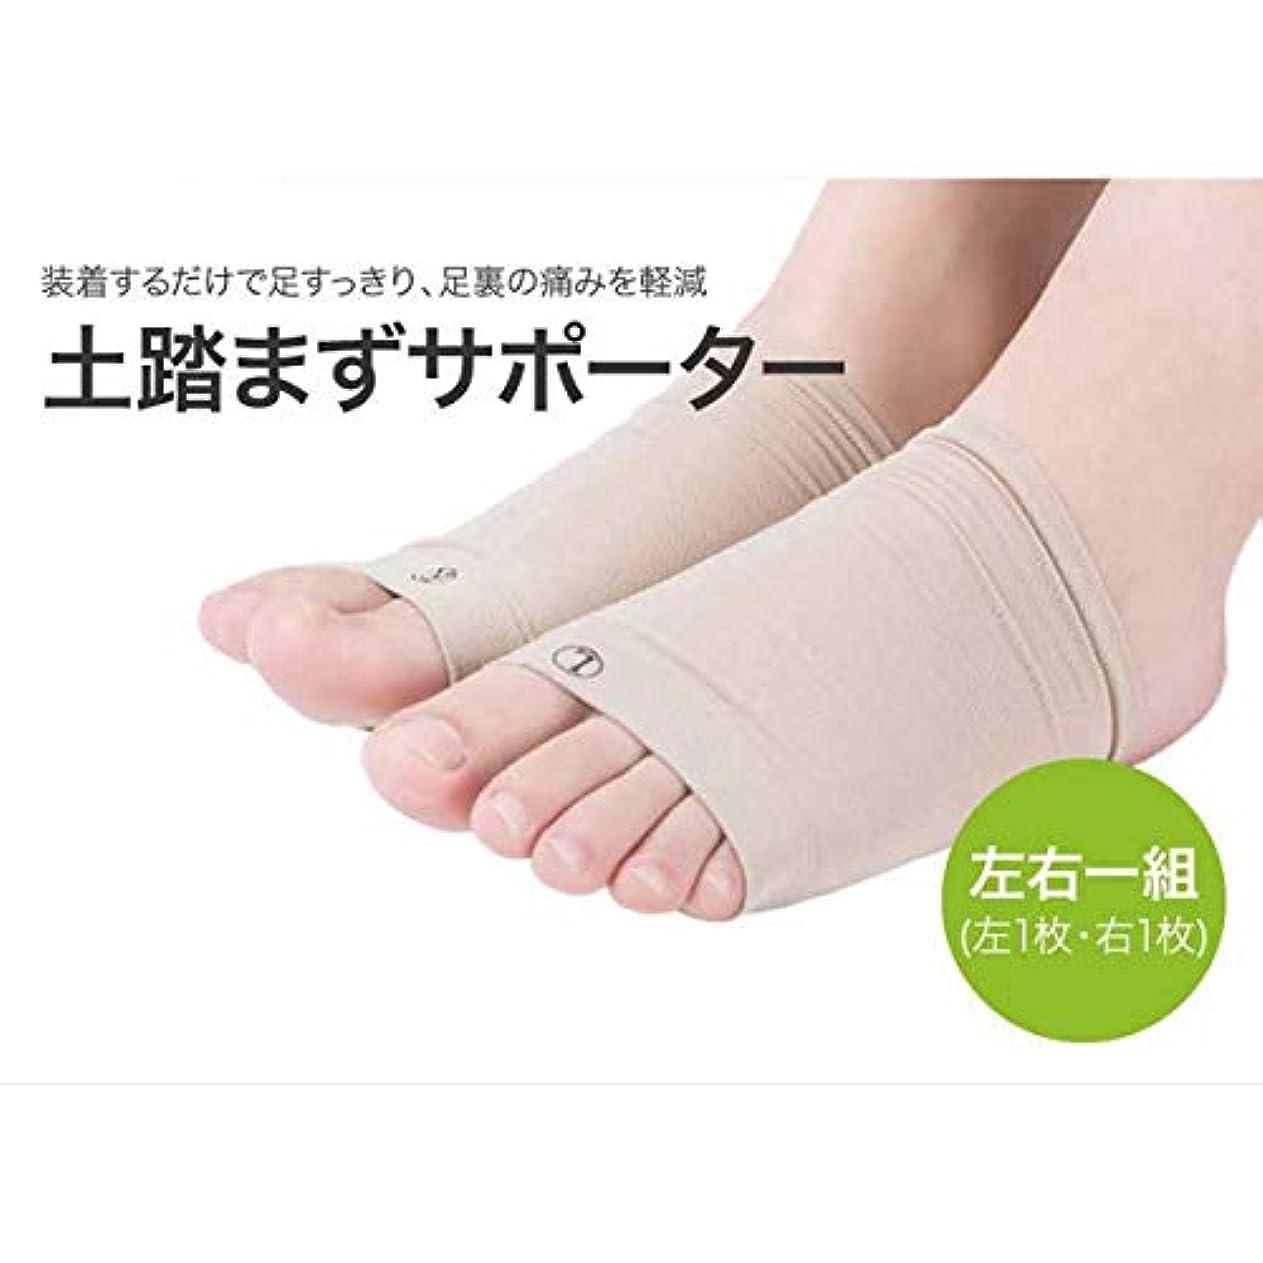 ビヨン天窓植生土踏まずサポーター 左右1組セット 偏平足 シリコン 足底筋膜炎 足底腱膜炎 痛み だるさ 足底筋膜 足裏 アーチ サポート